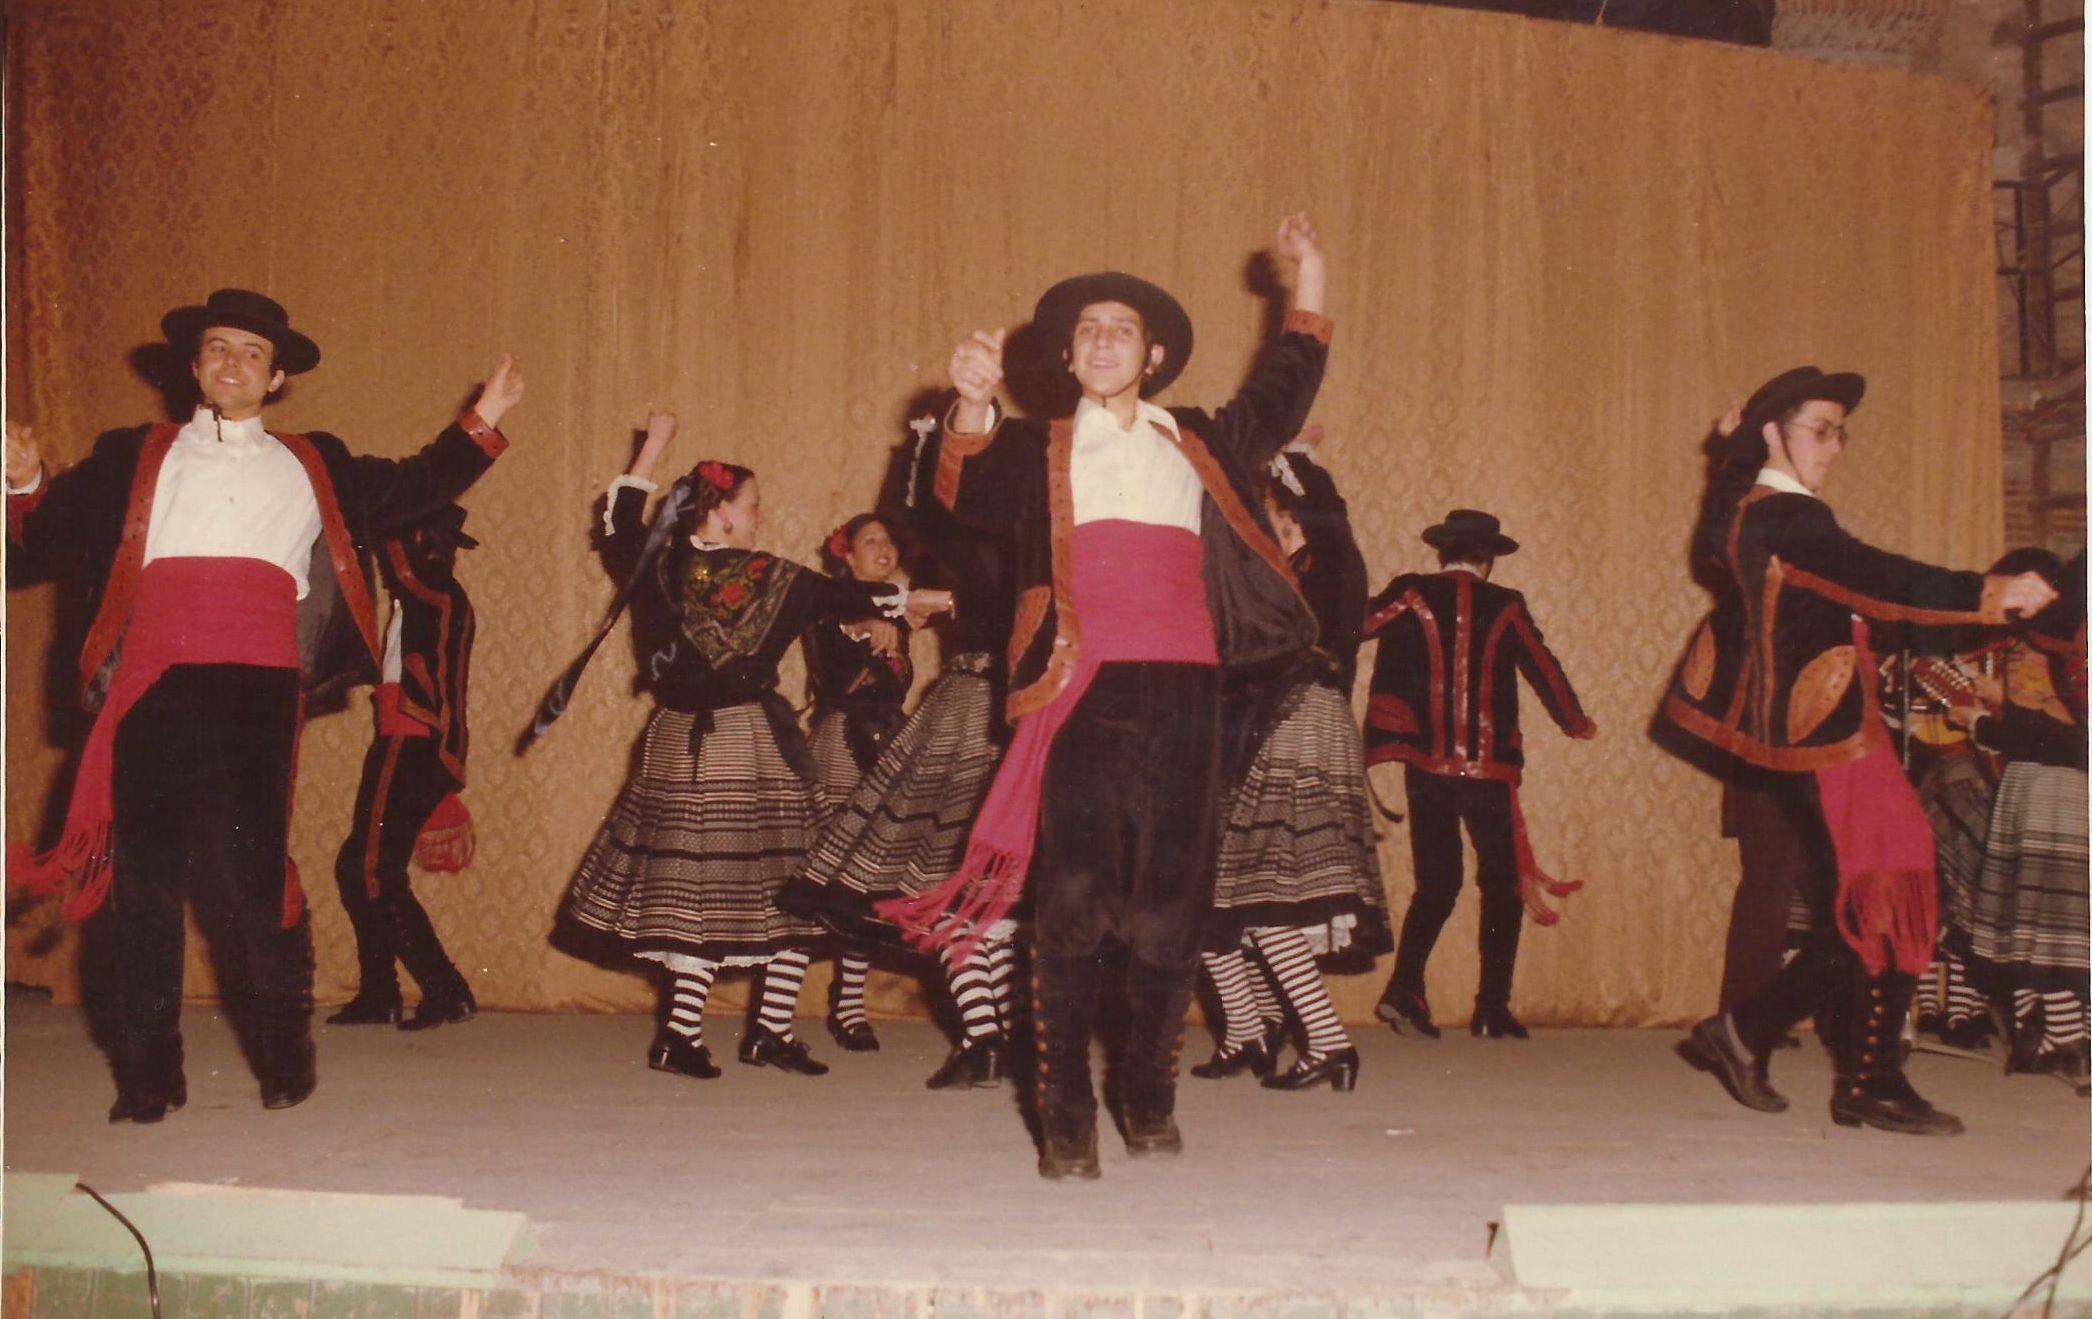 1978 - Guadalupe - Teatro Imperial